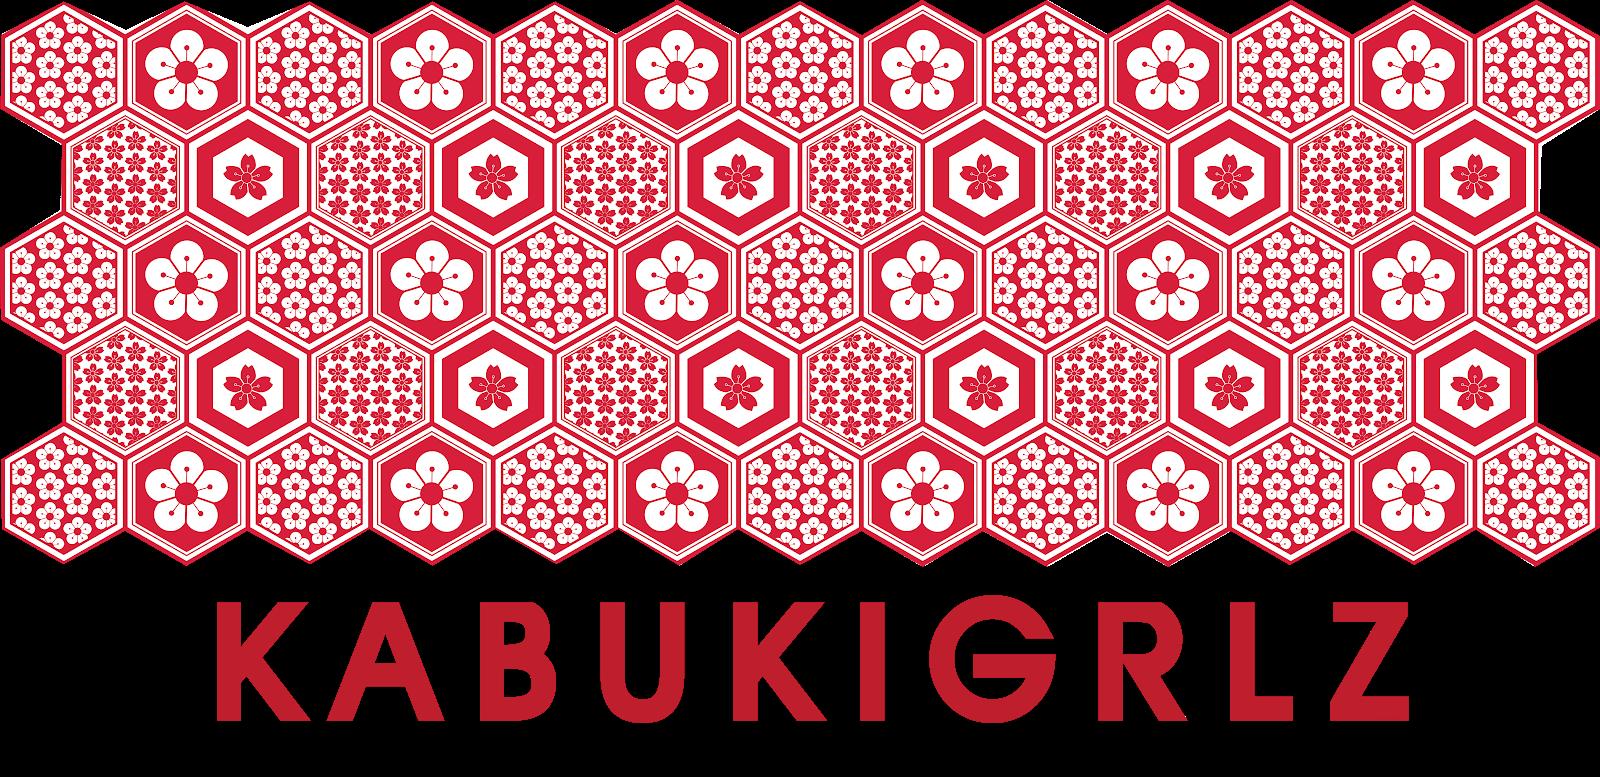 KABUKIGRLZ